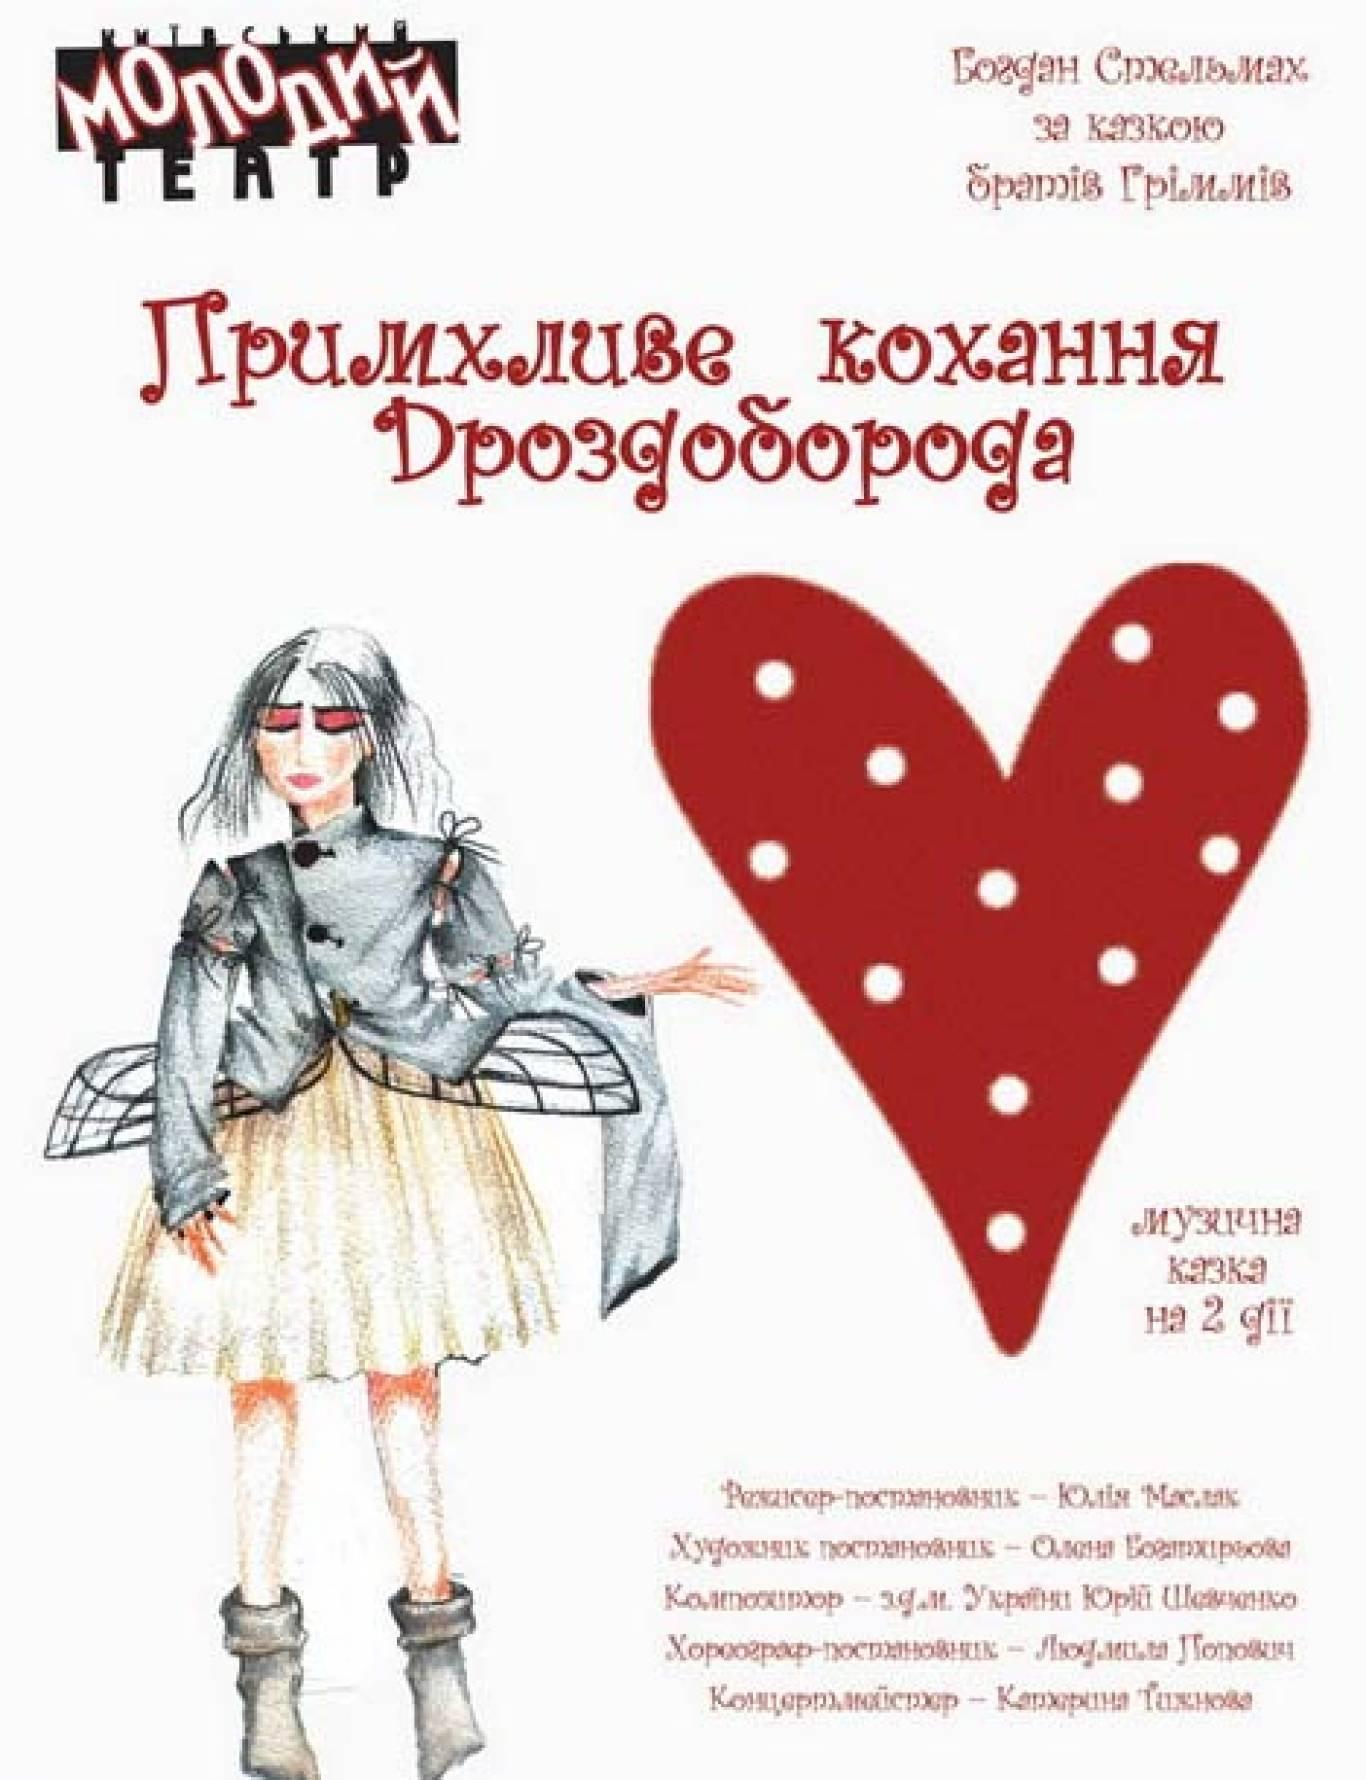 """Музична вистава """"Примхливе кохання Дроздоборода"""" у Молодому театрі"""